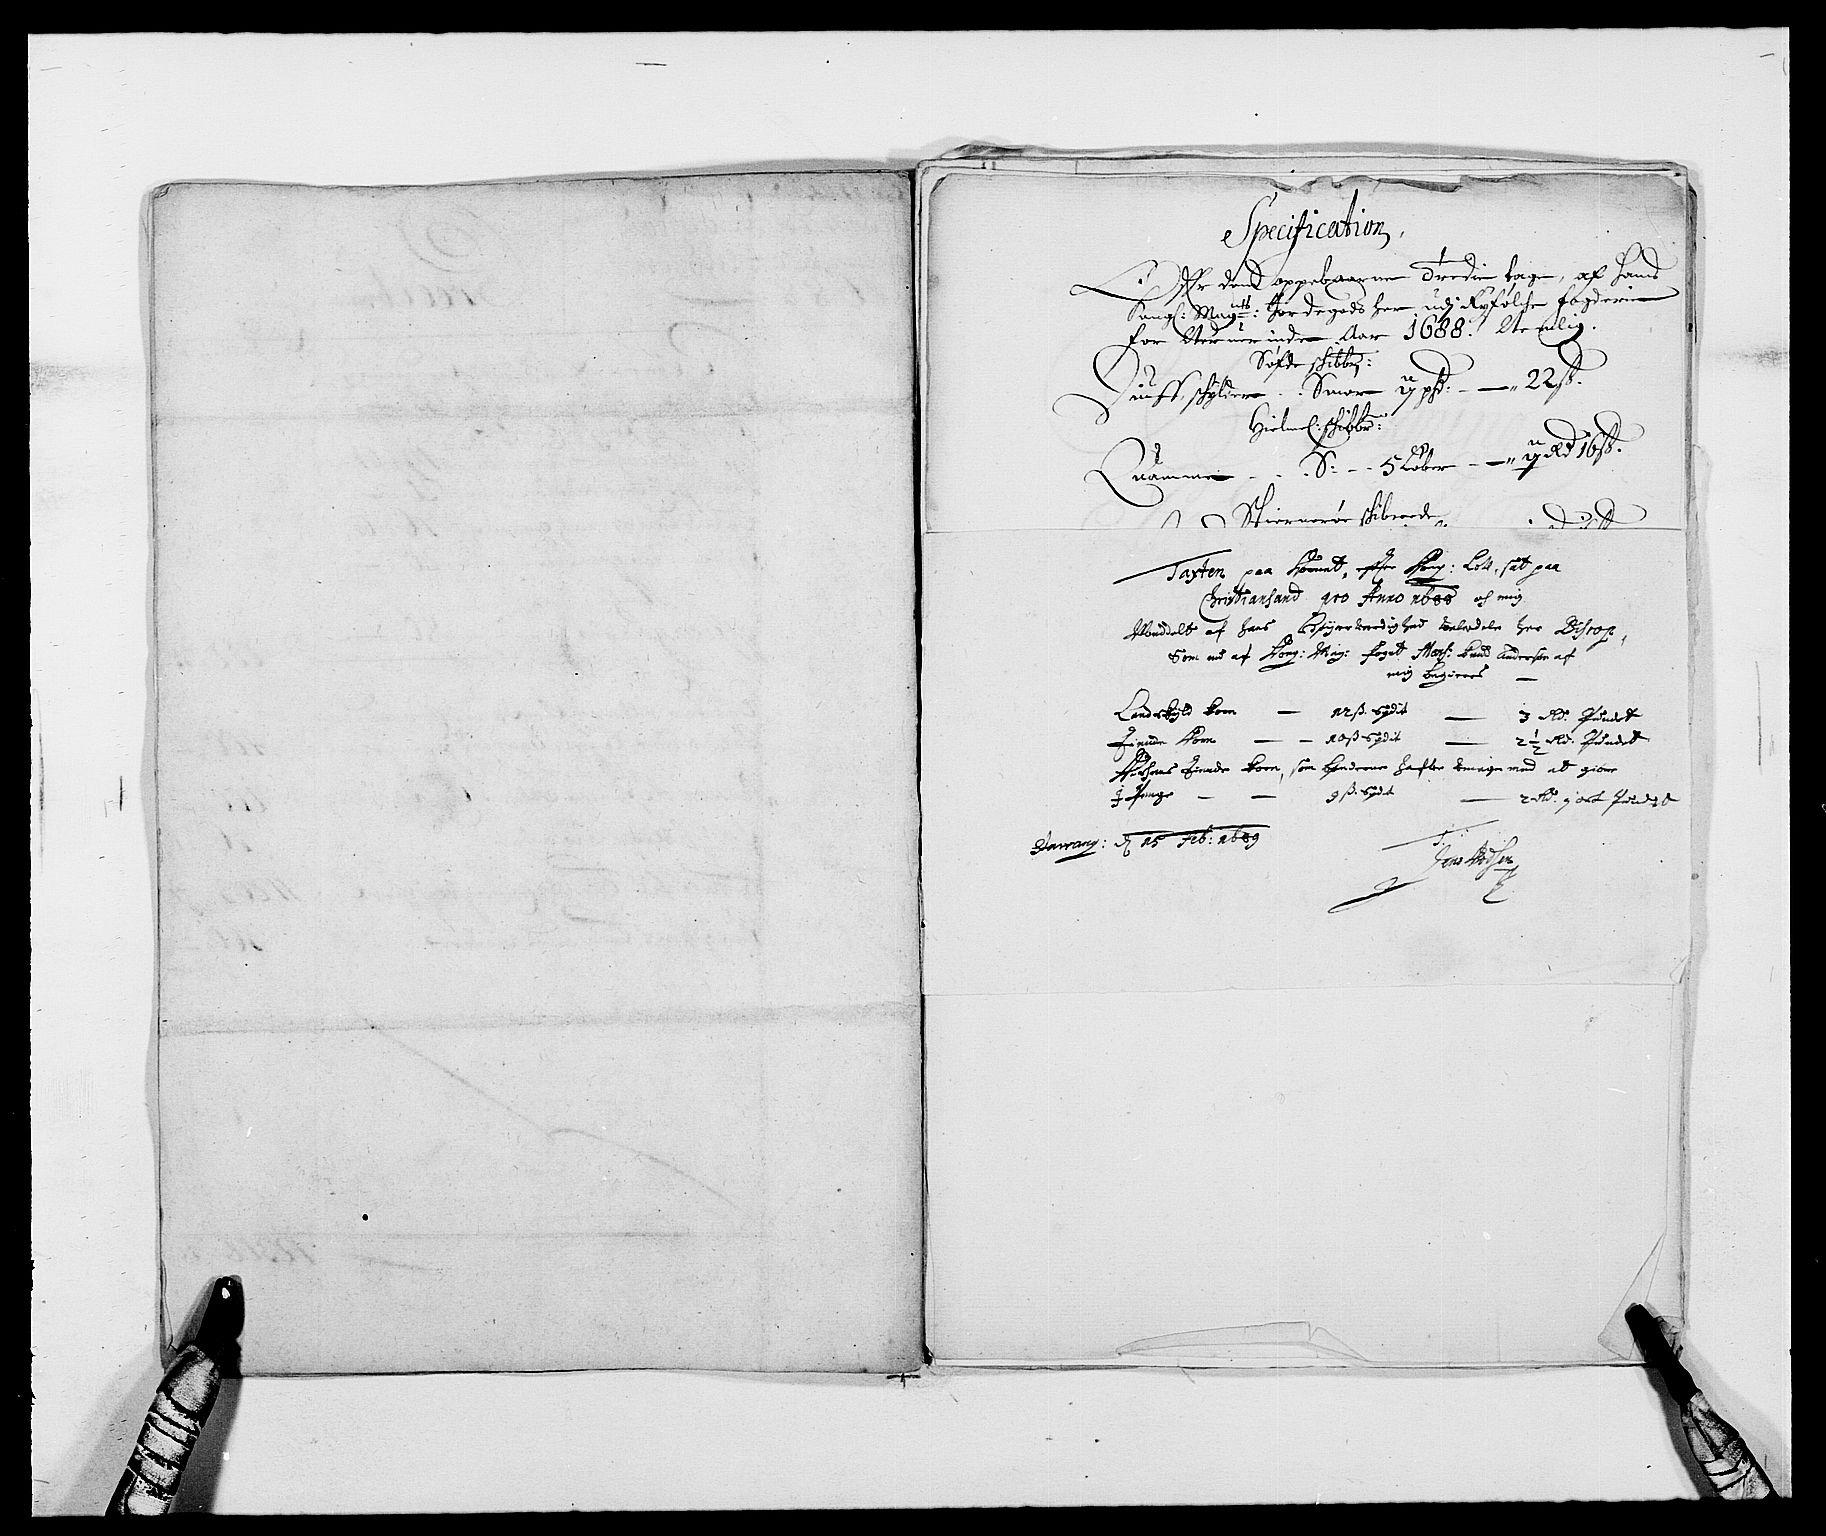 RA, Rentekammeret inntil 1814, Reviderte regnskaper, Fogderegnskap, R47/L2855: Fogderegnskap Ryfylke, 1685-1688, s. 337